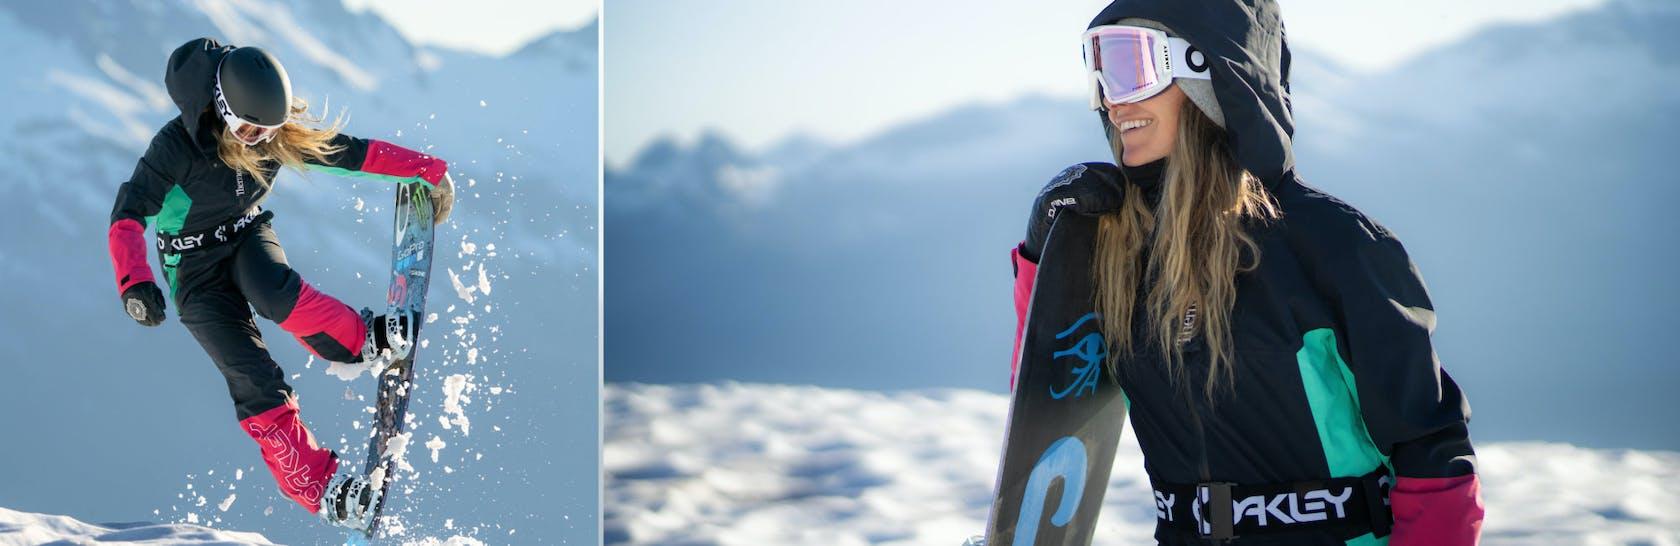 Onlineshop Oakley Snowboard Kollektion